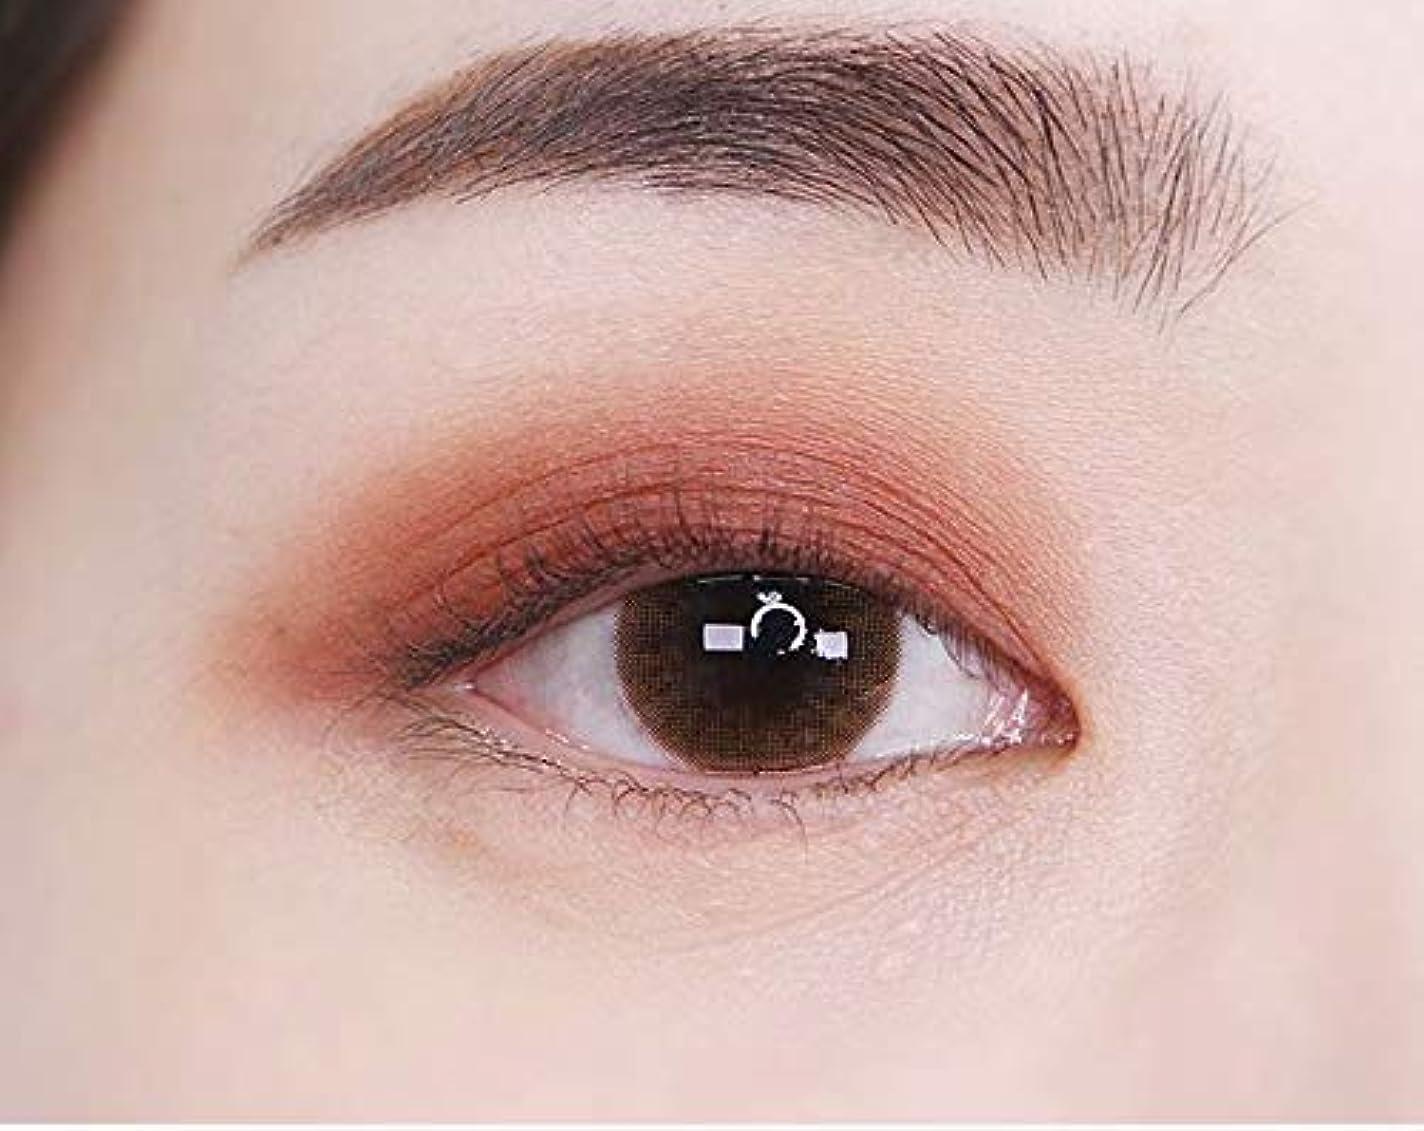 [イニスフリー] innisfree [マイ パレット マイ アイシャドウ (シマ一) 3カラー] MY PALETTE My Eyeshadow (Shimmer) 3 Shades [海外直送品] (シマ一 #47)